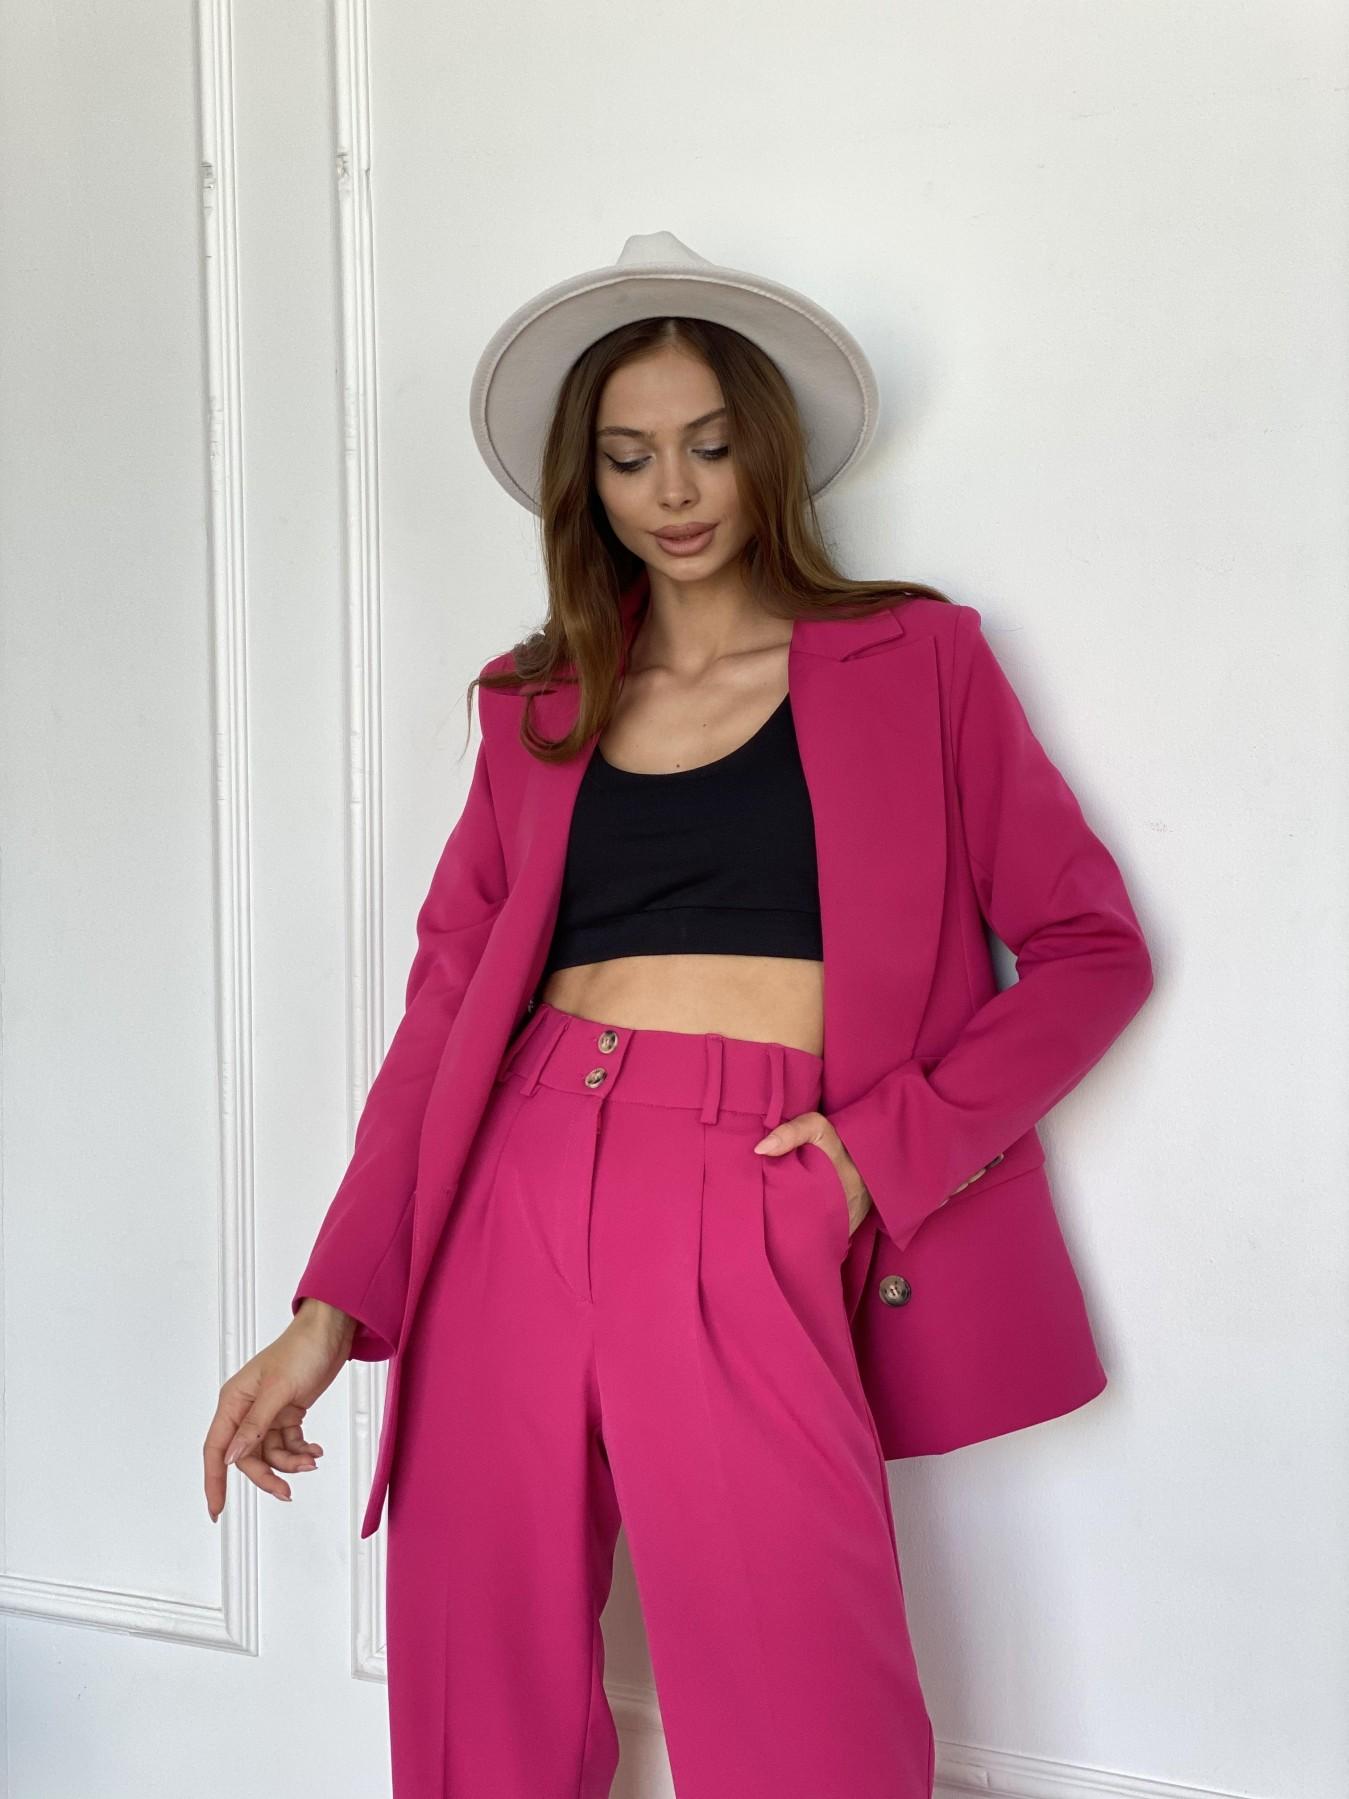 Белисимо  костюм стрейч из костюмной ткани 11217 АРТ. 47818 Цвет: Малиновый 2 - фото 2, интернет магазин tm-modus.ru